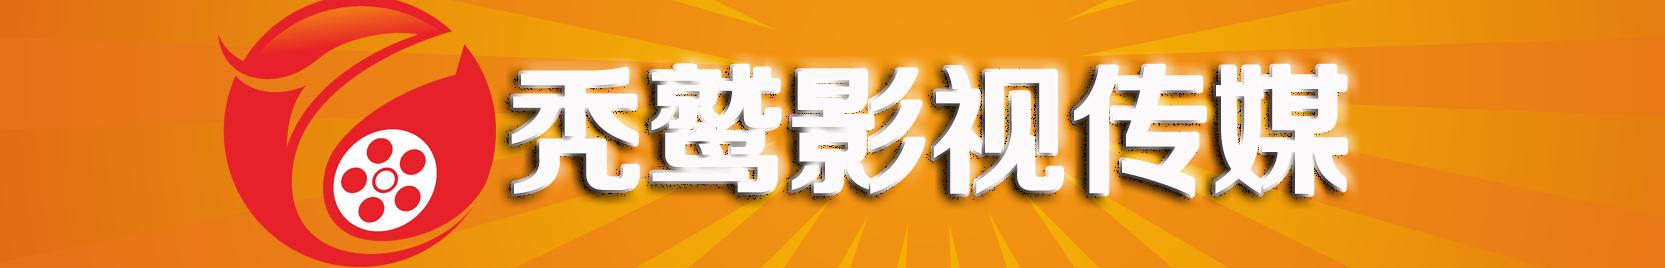 秃鹫影视传媒 banner